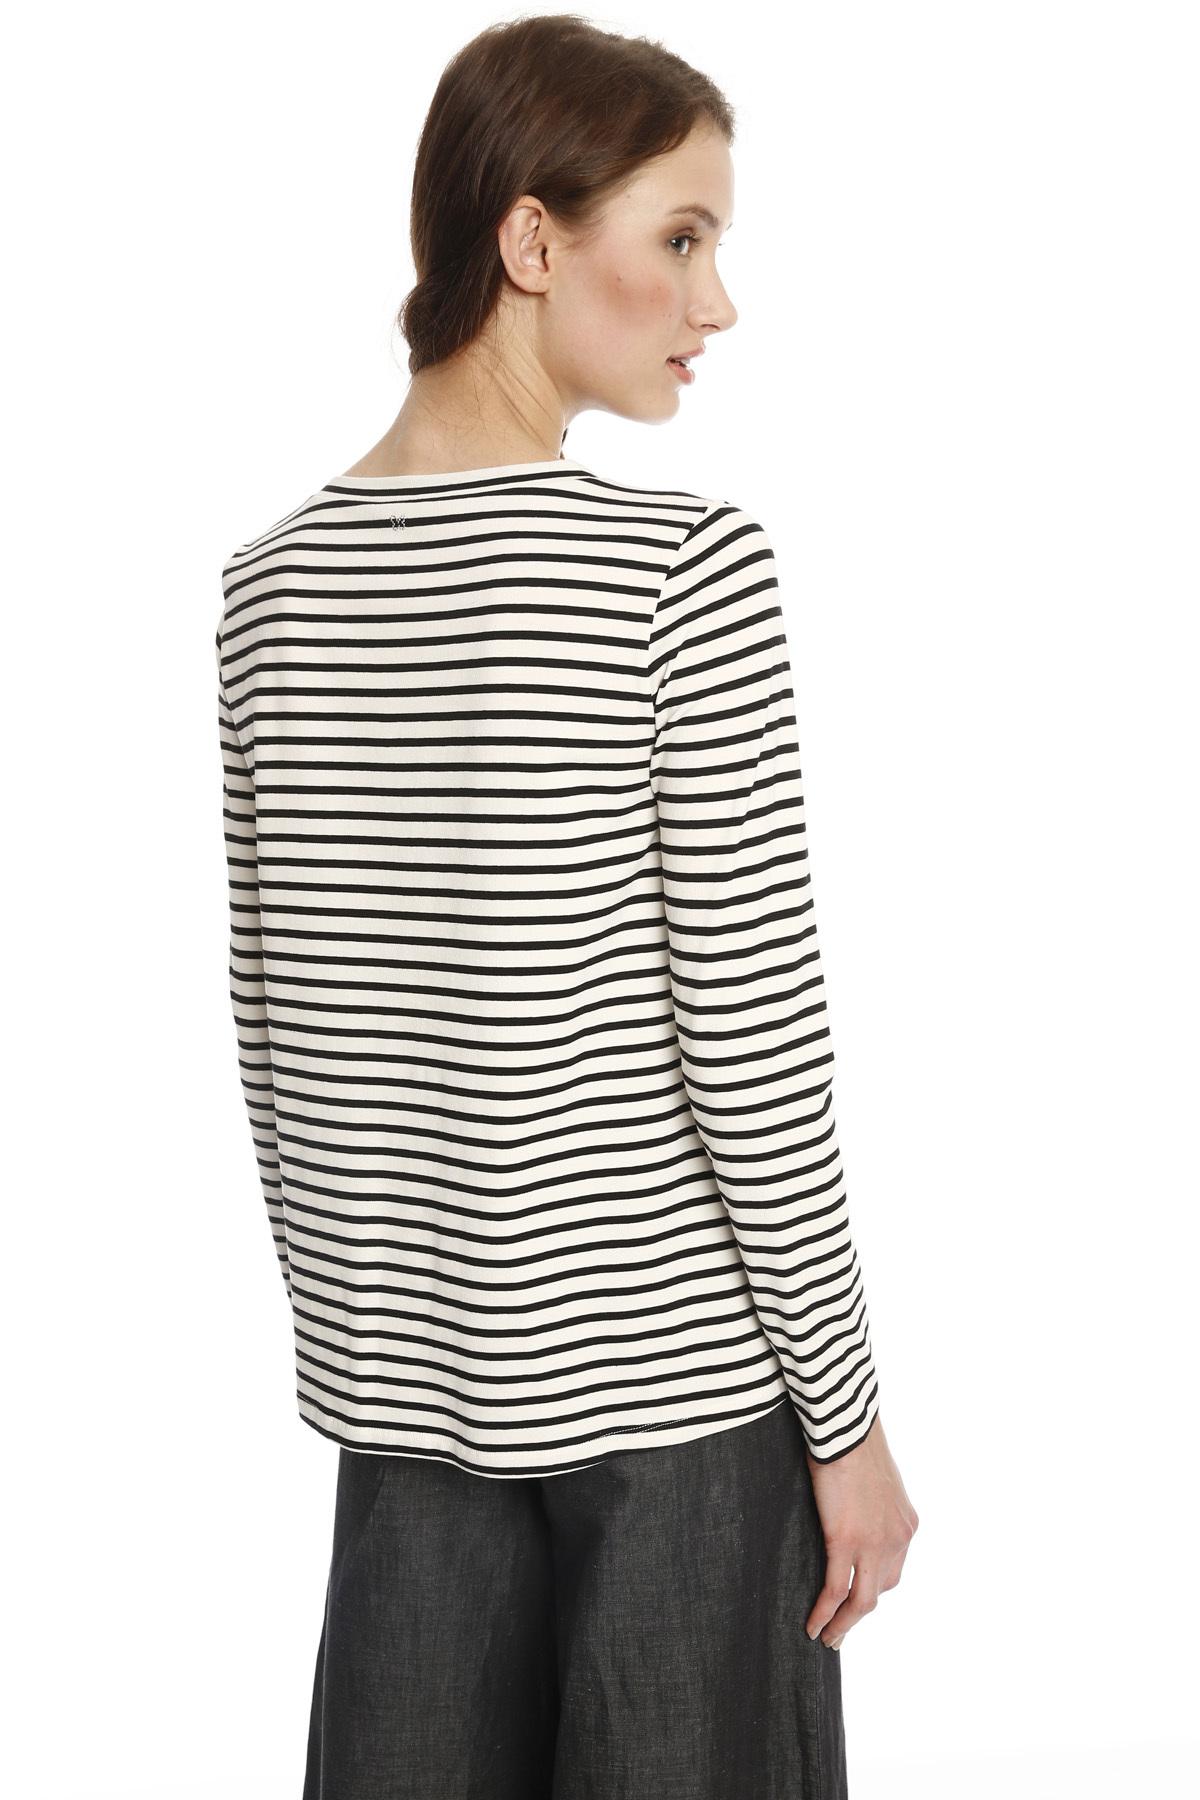 ... T-shirt in jersey stretch Diffusione Tessile. Home page · Abbigliamento  ...